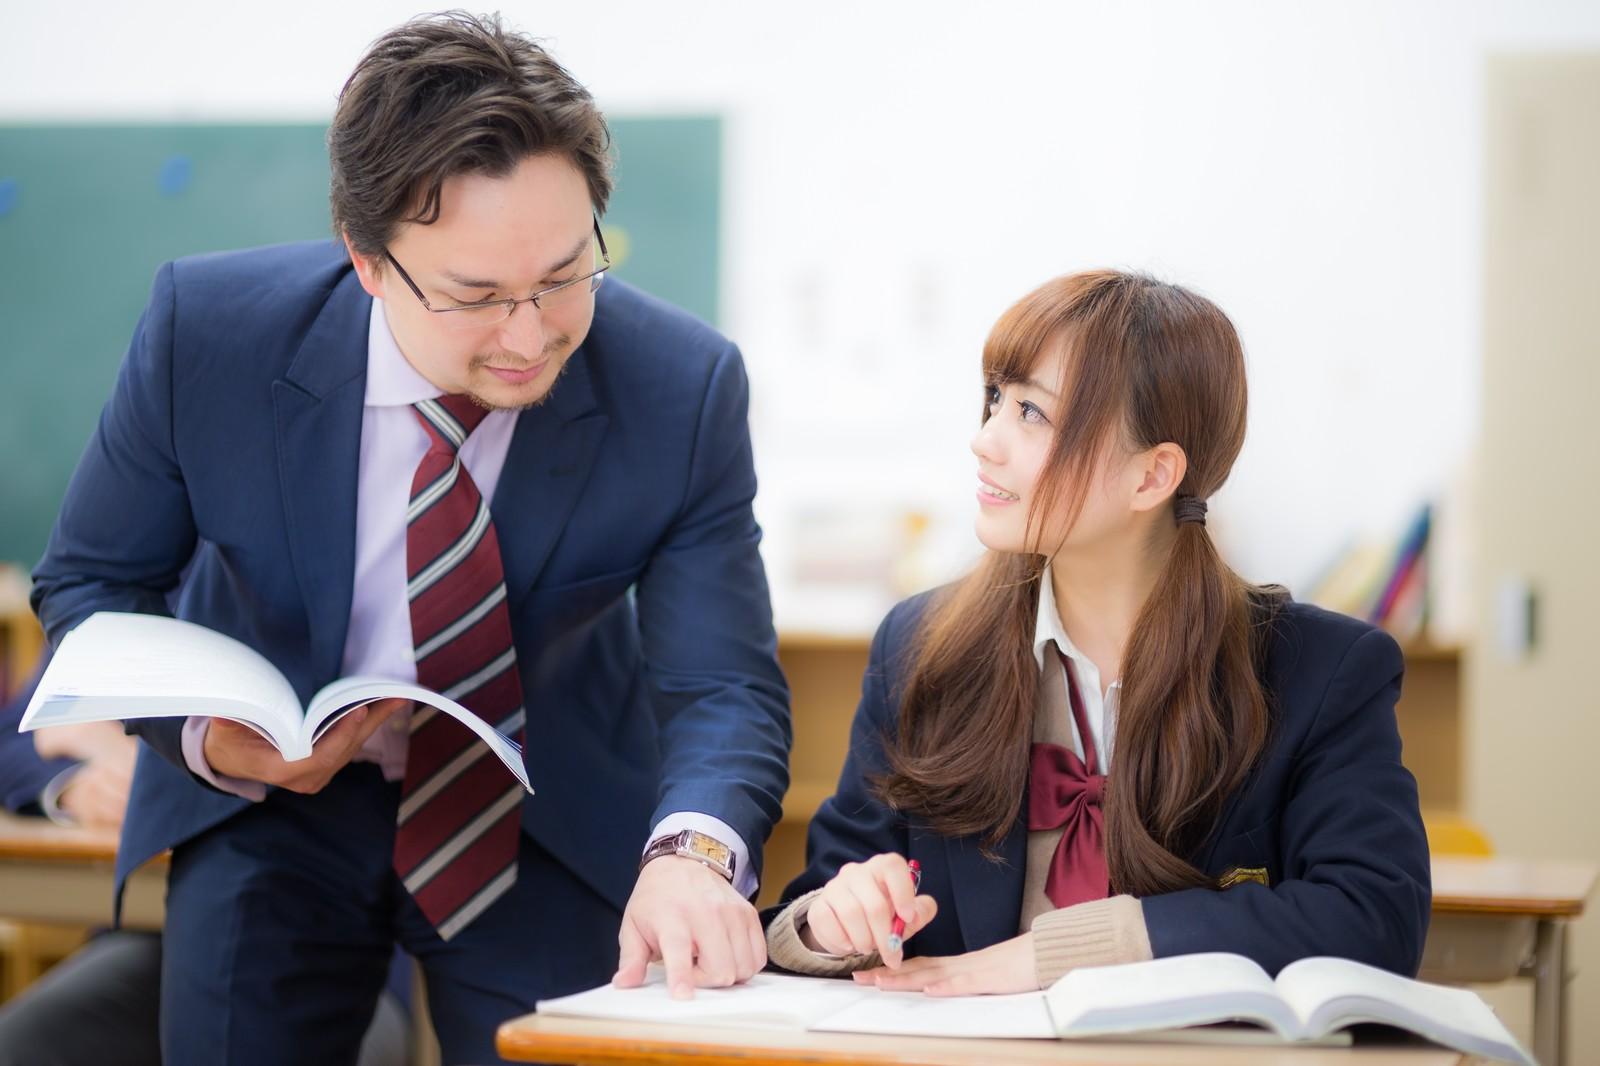 塾講師は正社員でもおすすめ!メリット、デメリットを徹底解説